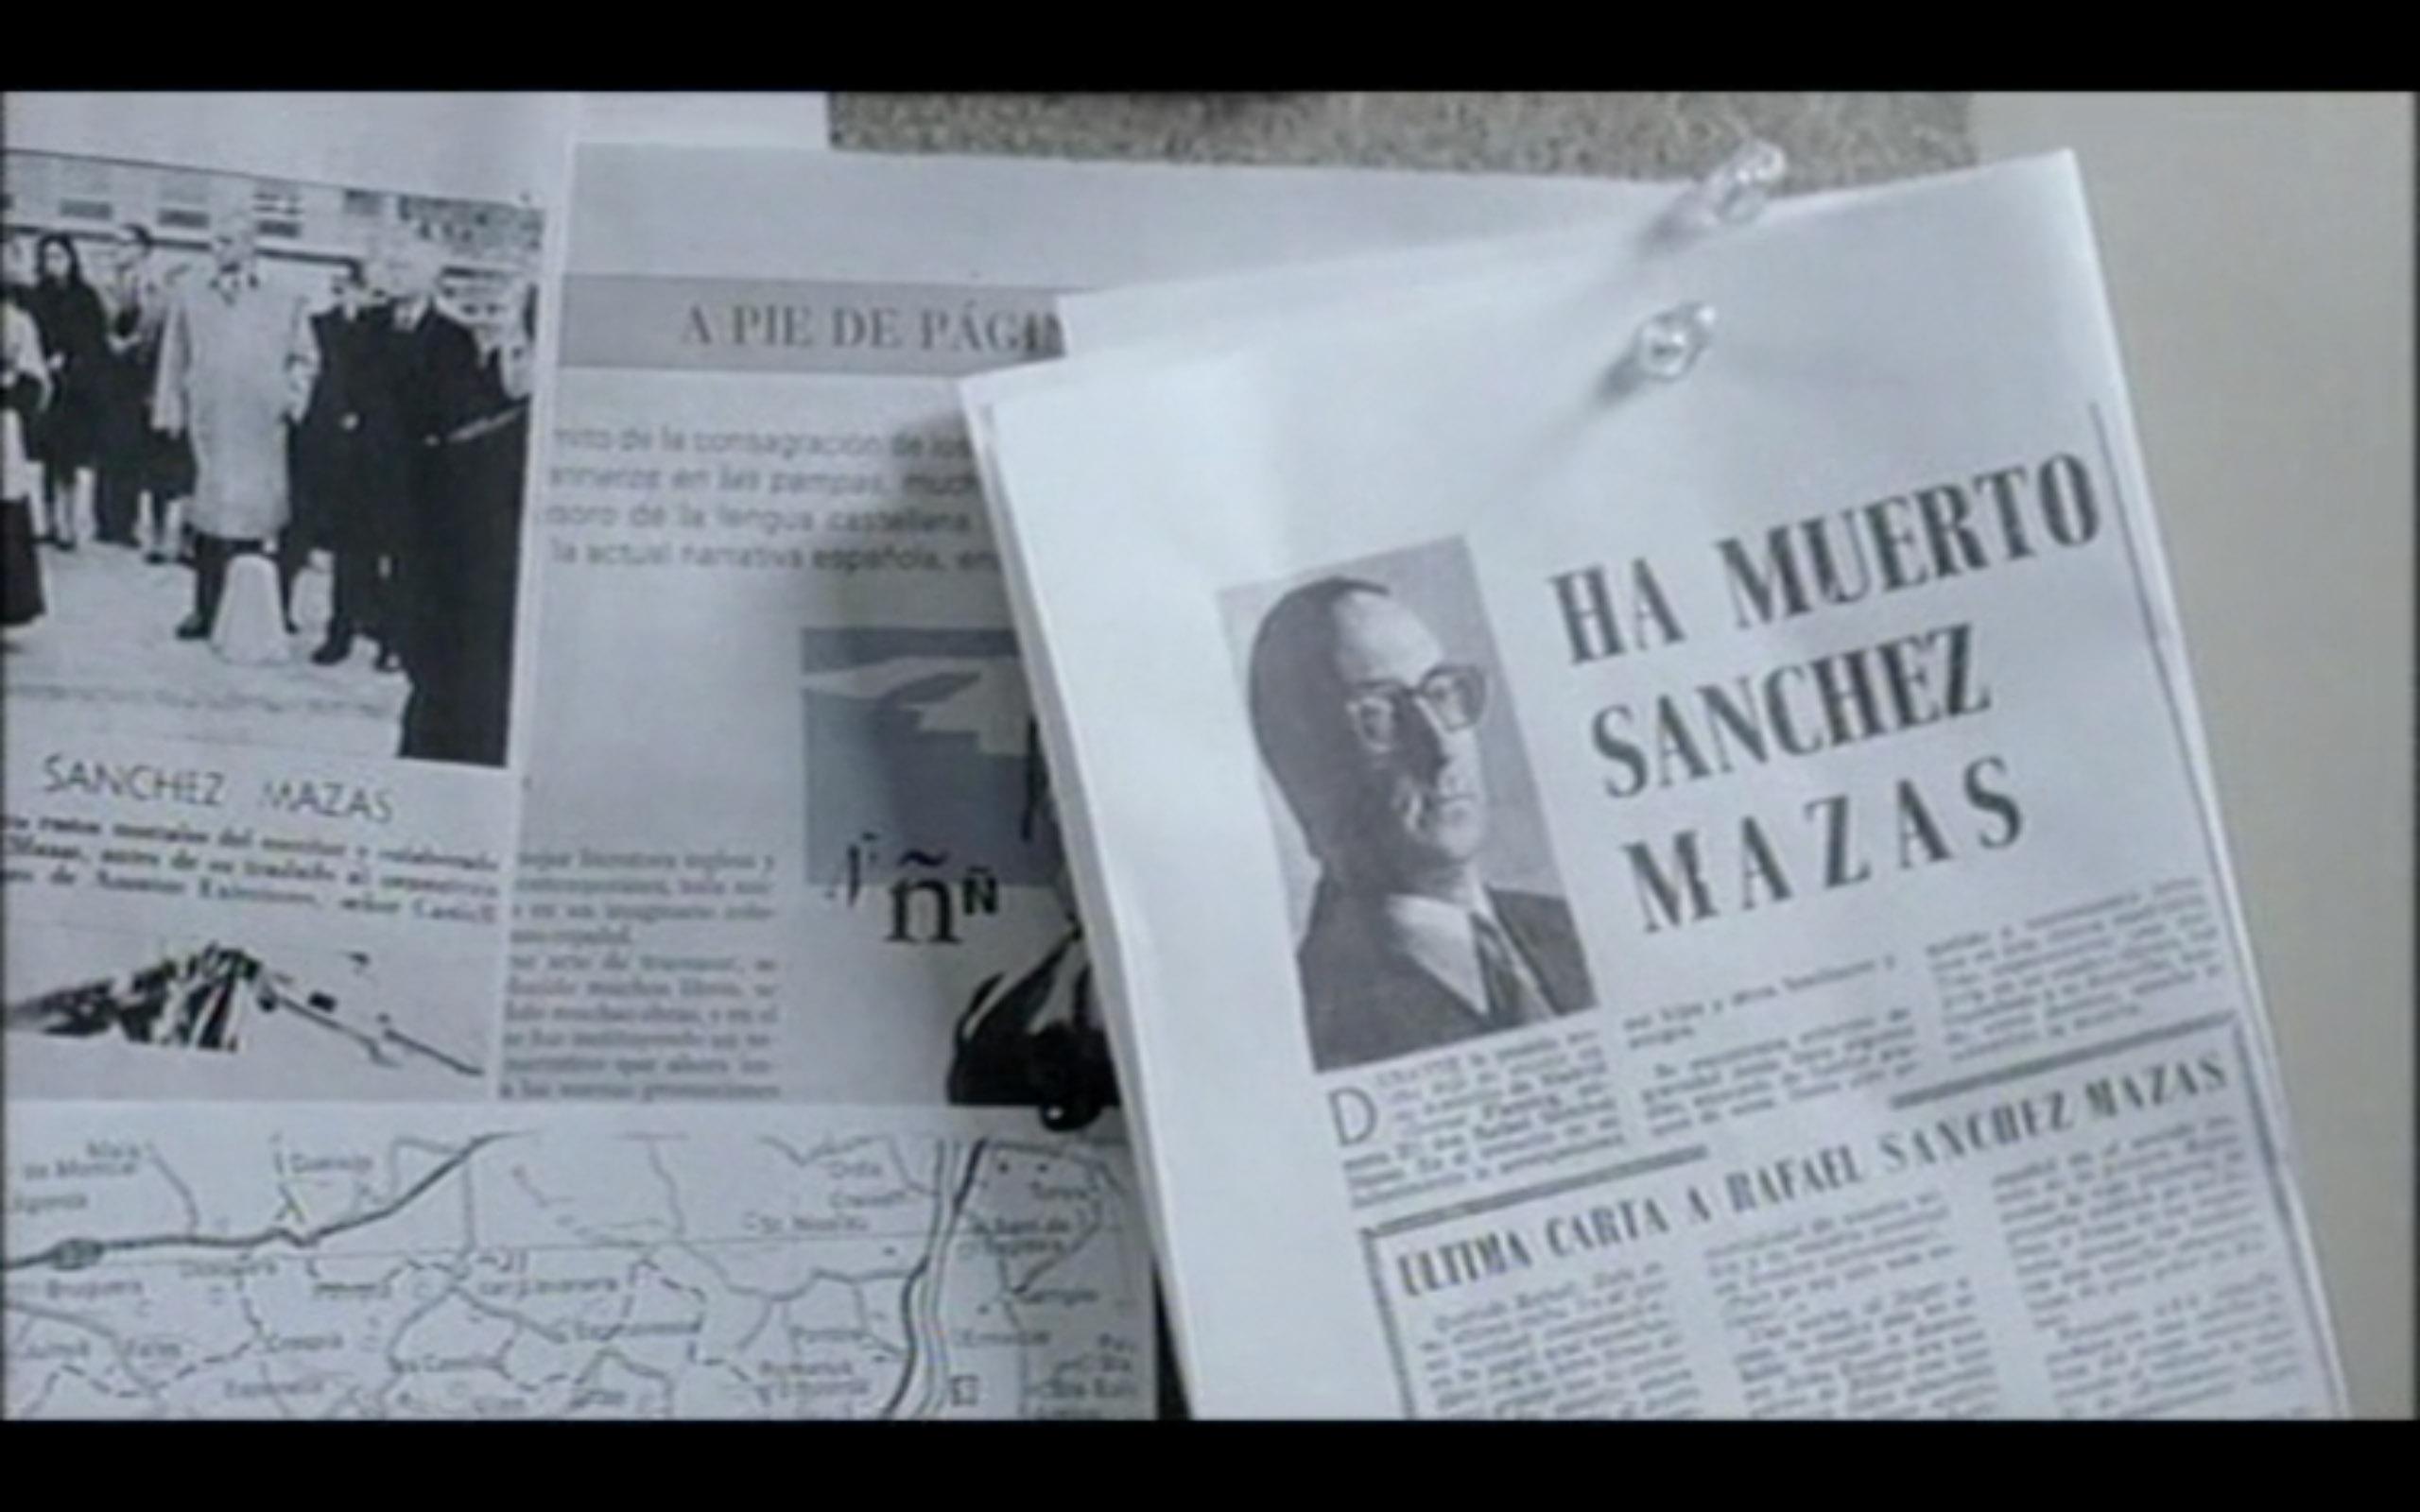 Soldados de Salamina. Algo más sobre Sánchez Mazas